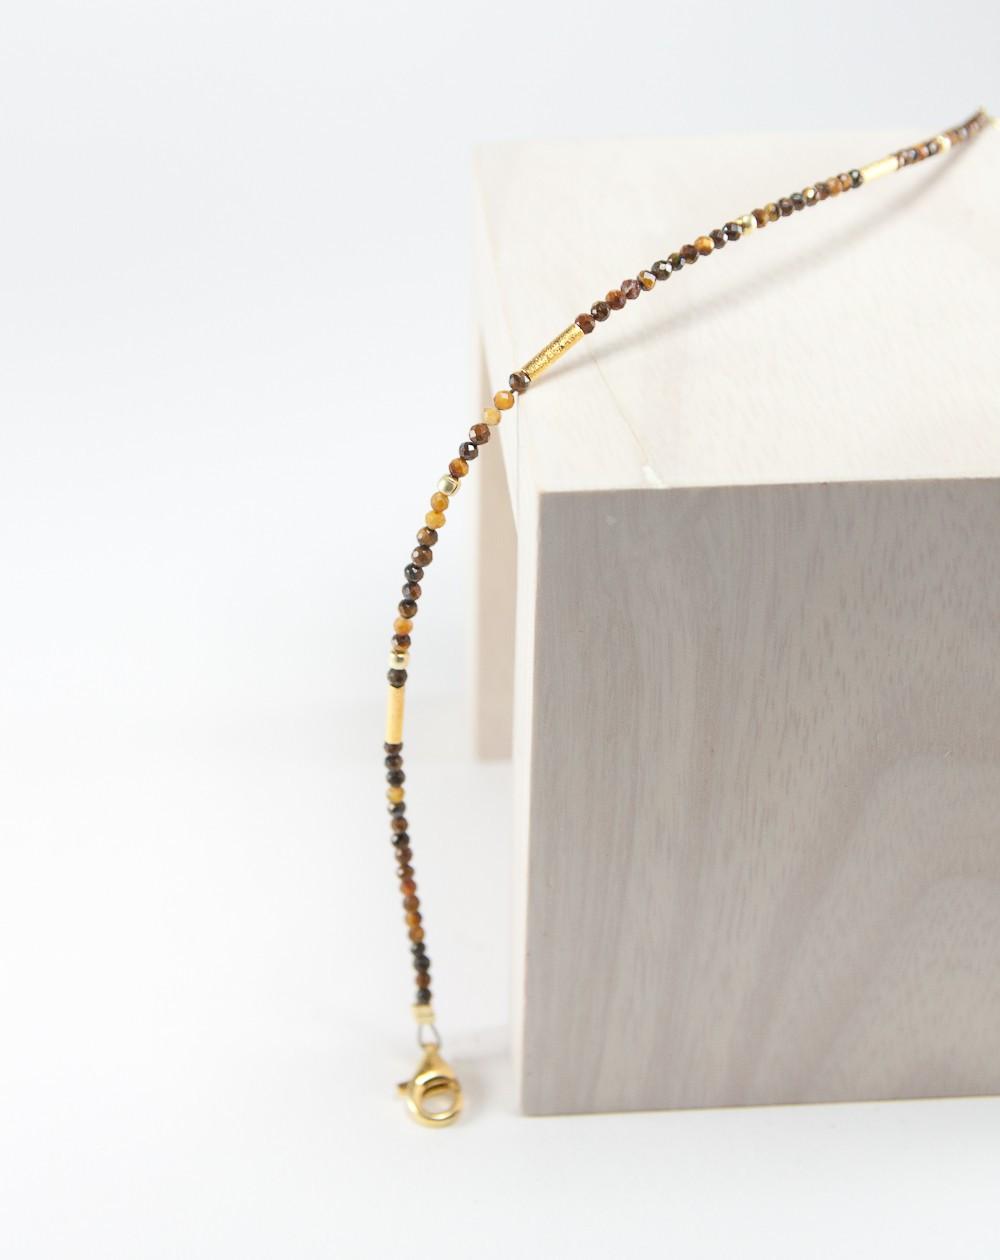 Bracelet en oeil de tigre, collection épure, Sanuk création